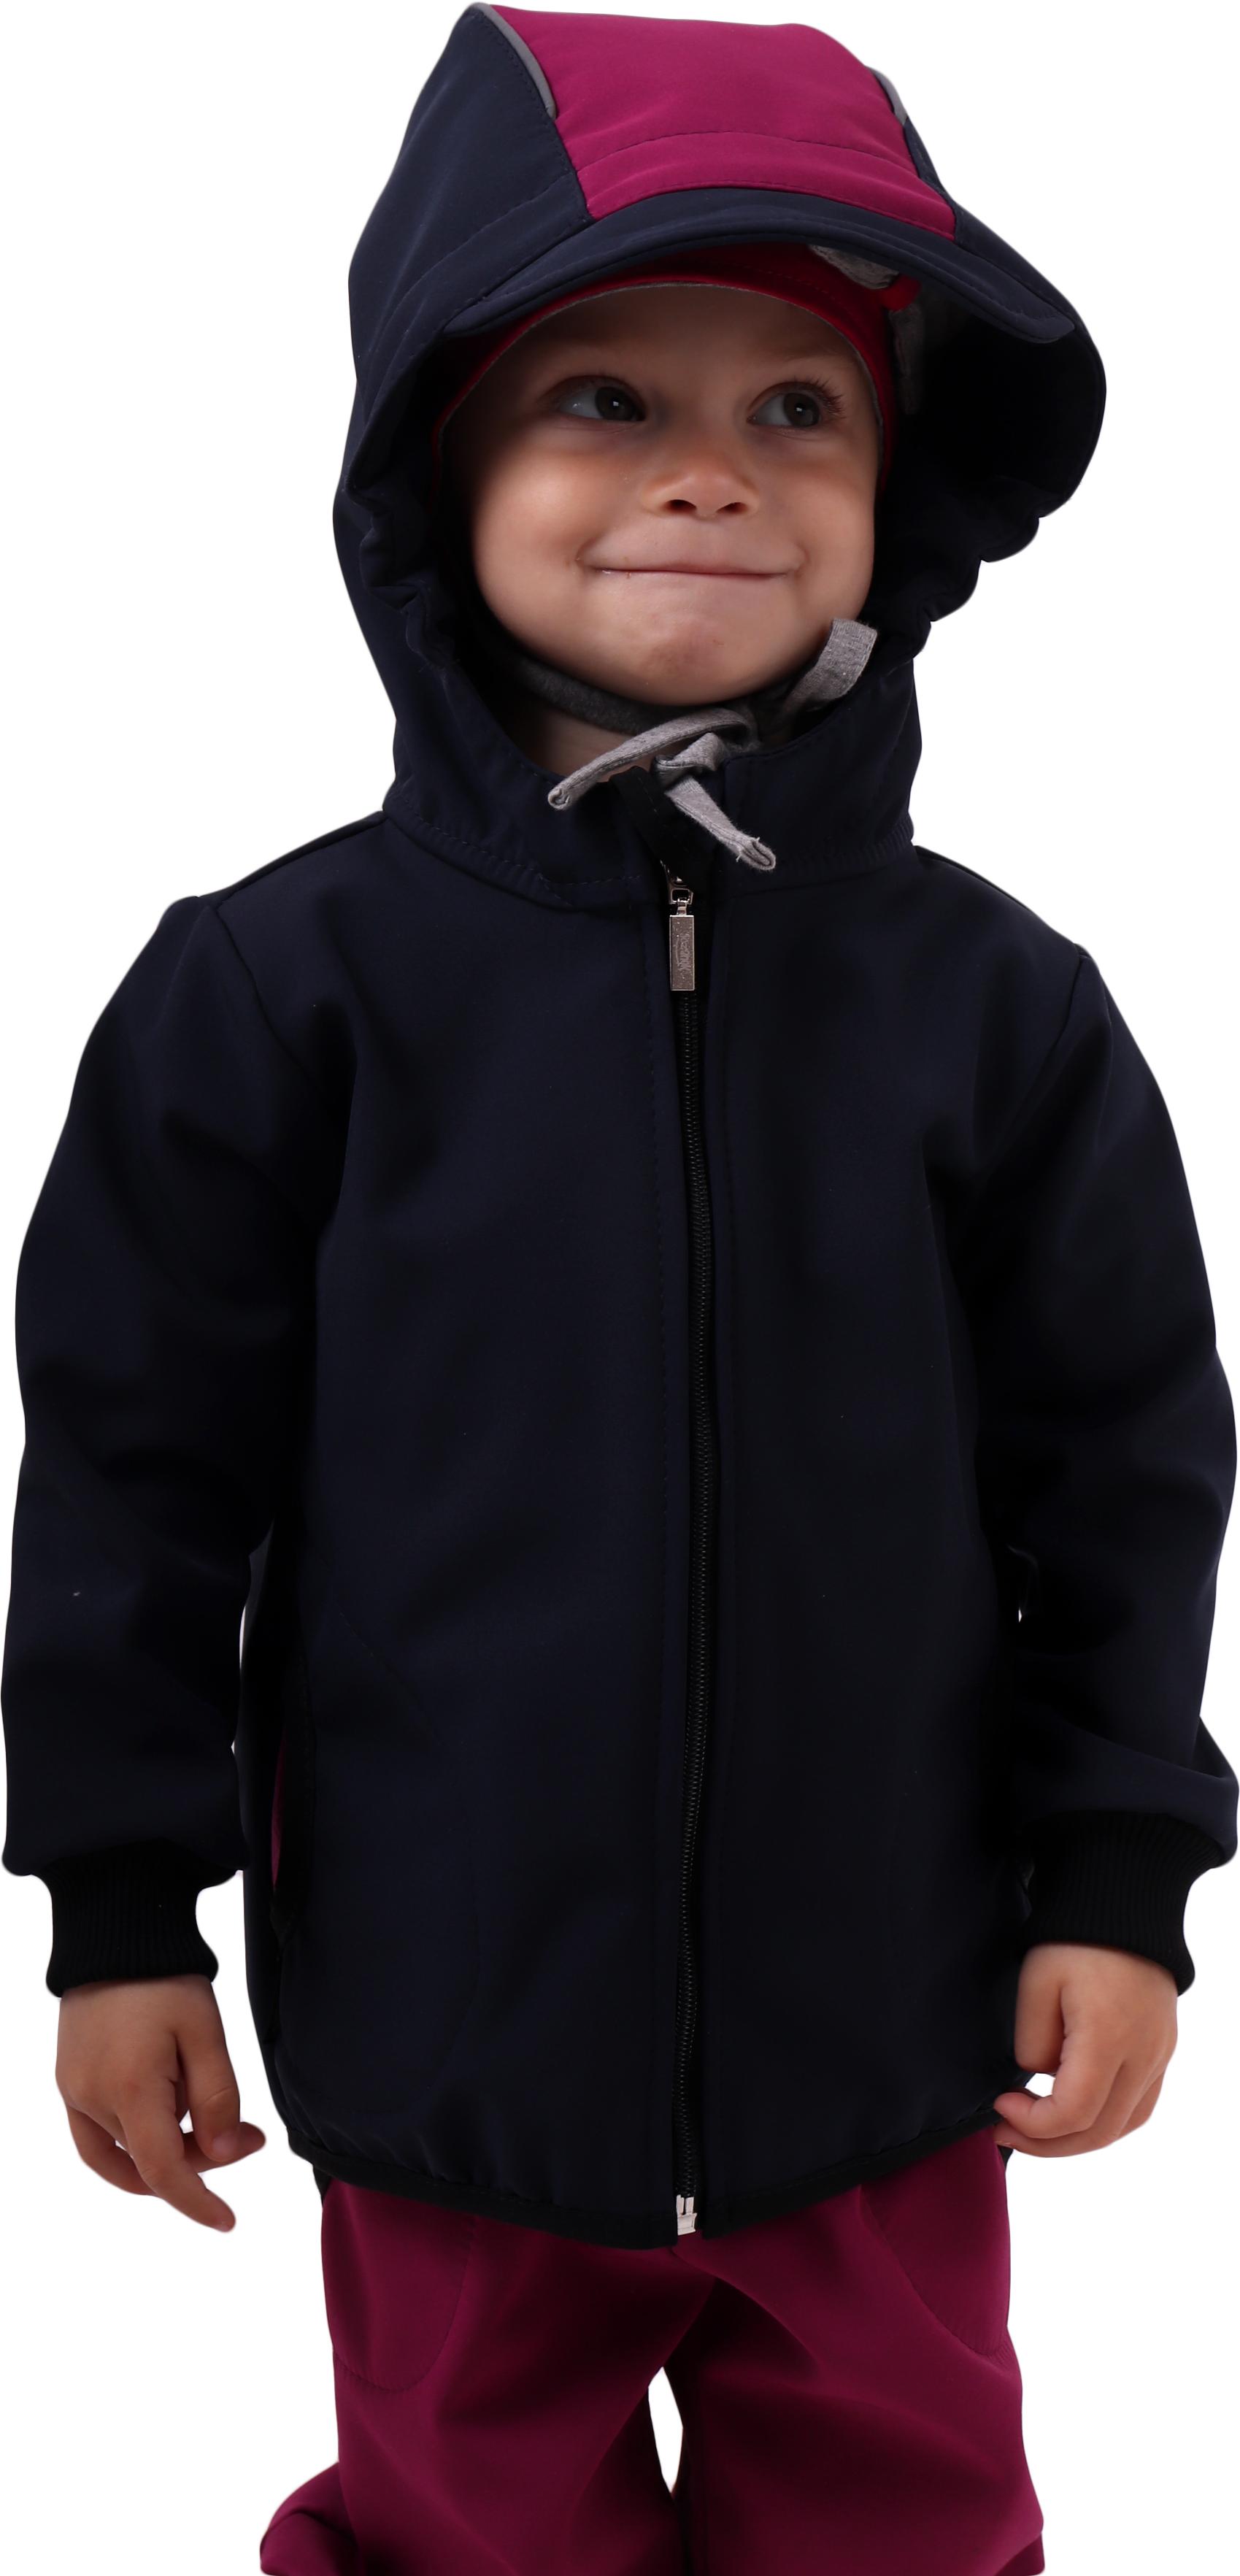 Dětská softshellová bunda, tmavě modrá s fuchsiovými doplňky, 80